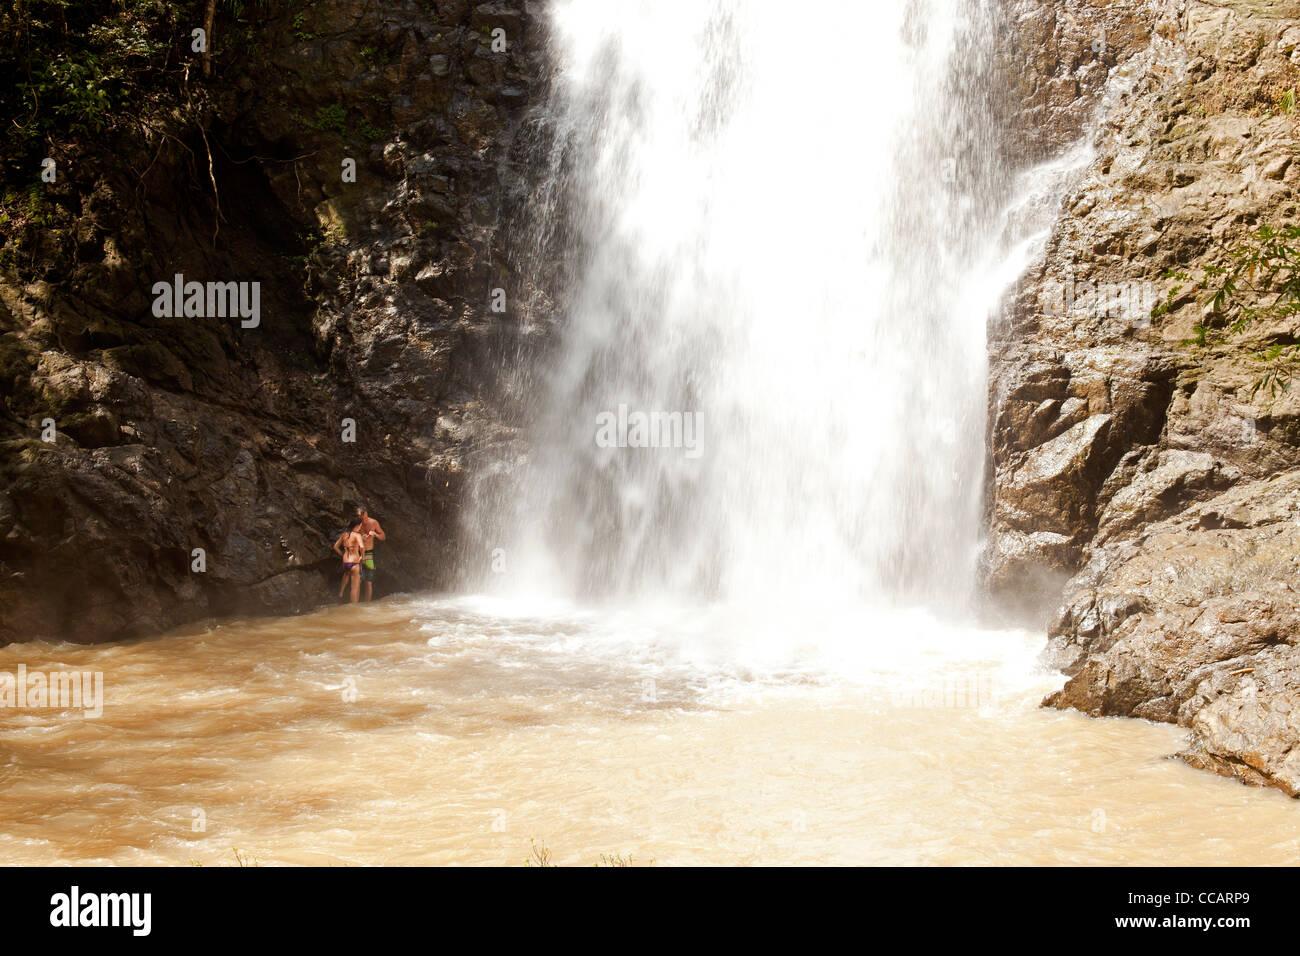 Montezuma Waterfall, Montezuma, Nicoya Peninsula, Costa Rica, Central America - Stock Image